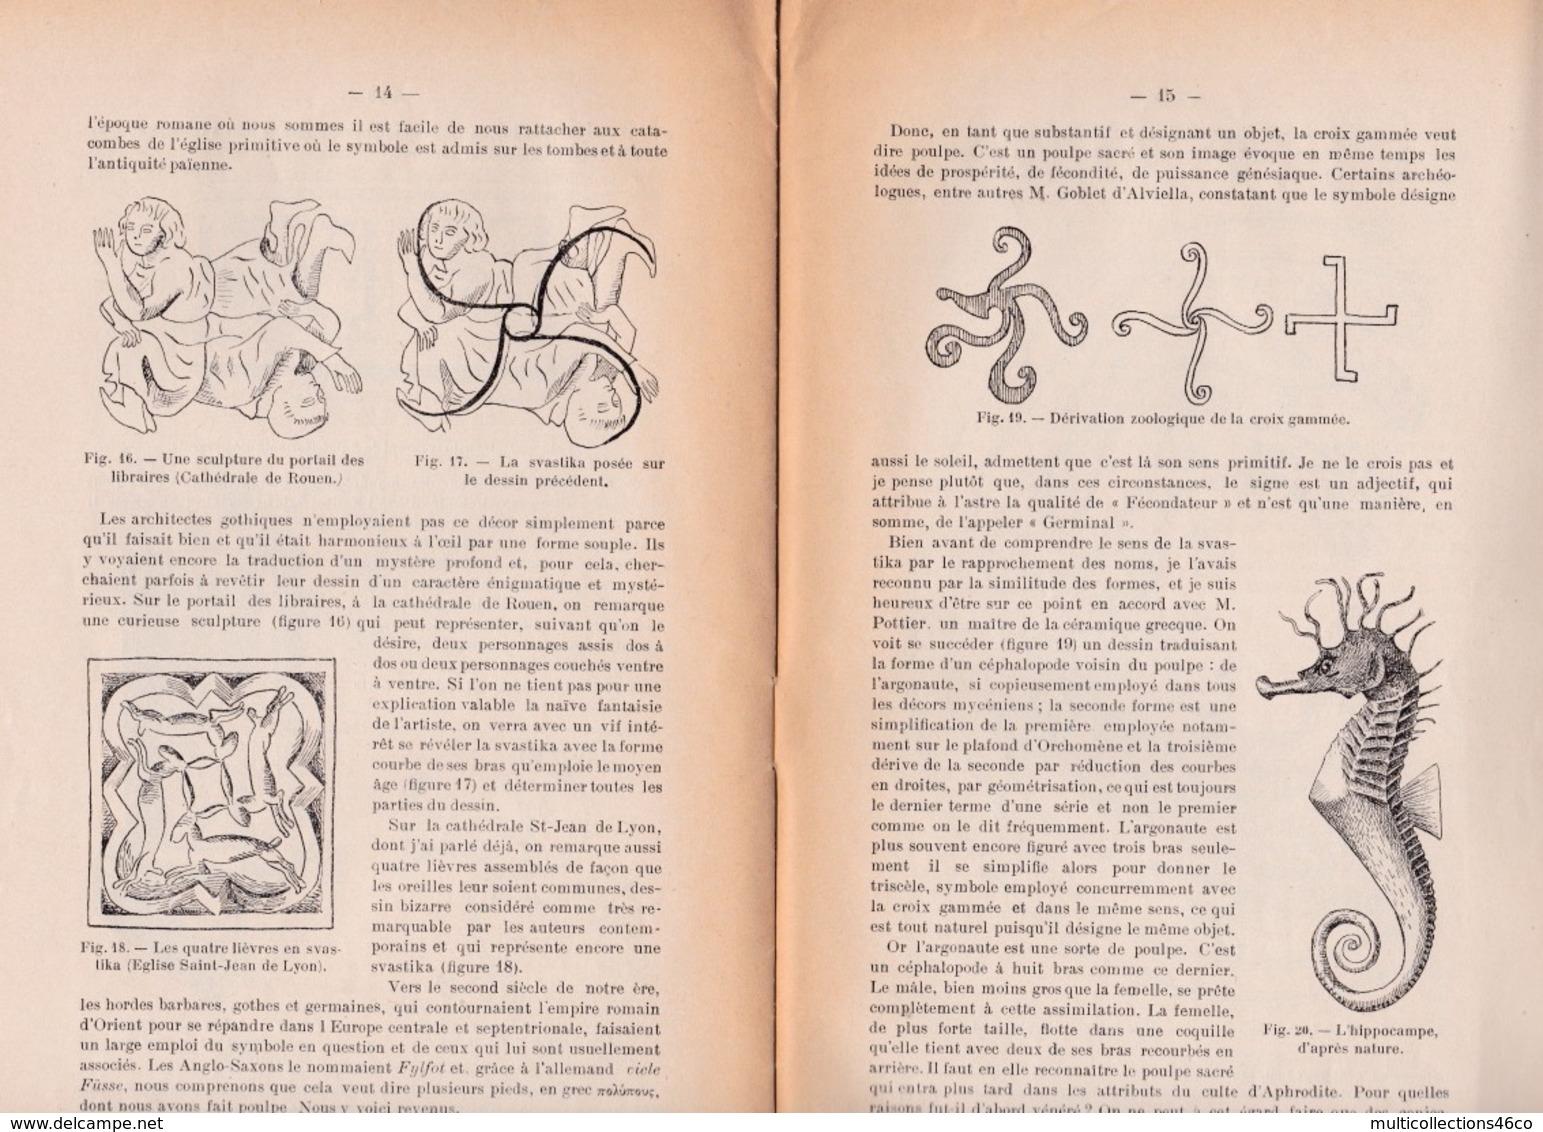 260519A - Livre SCIENCES Conférence PARIS 1904 Idées évolution Antiquité Moyen Age Frédéric HOUSSAY Dédicace Autographe - Livres Dédicacés